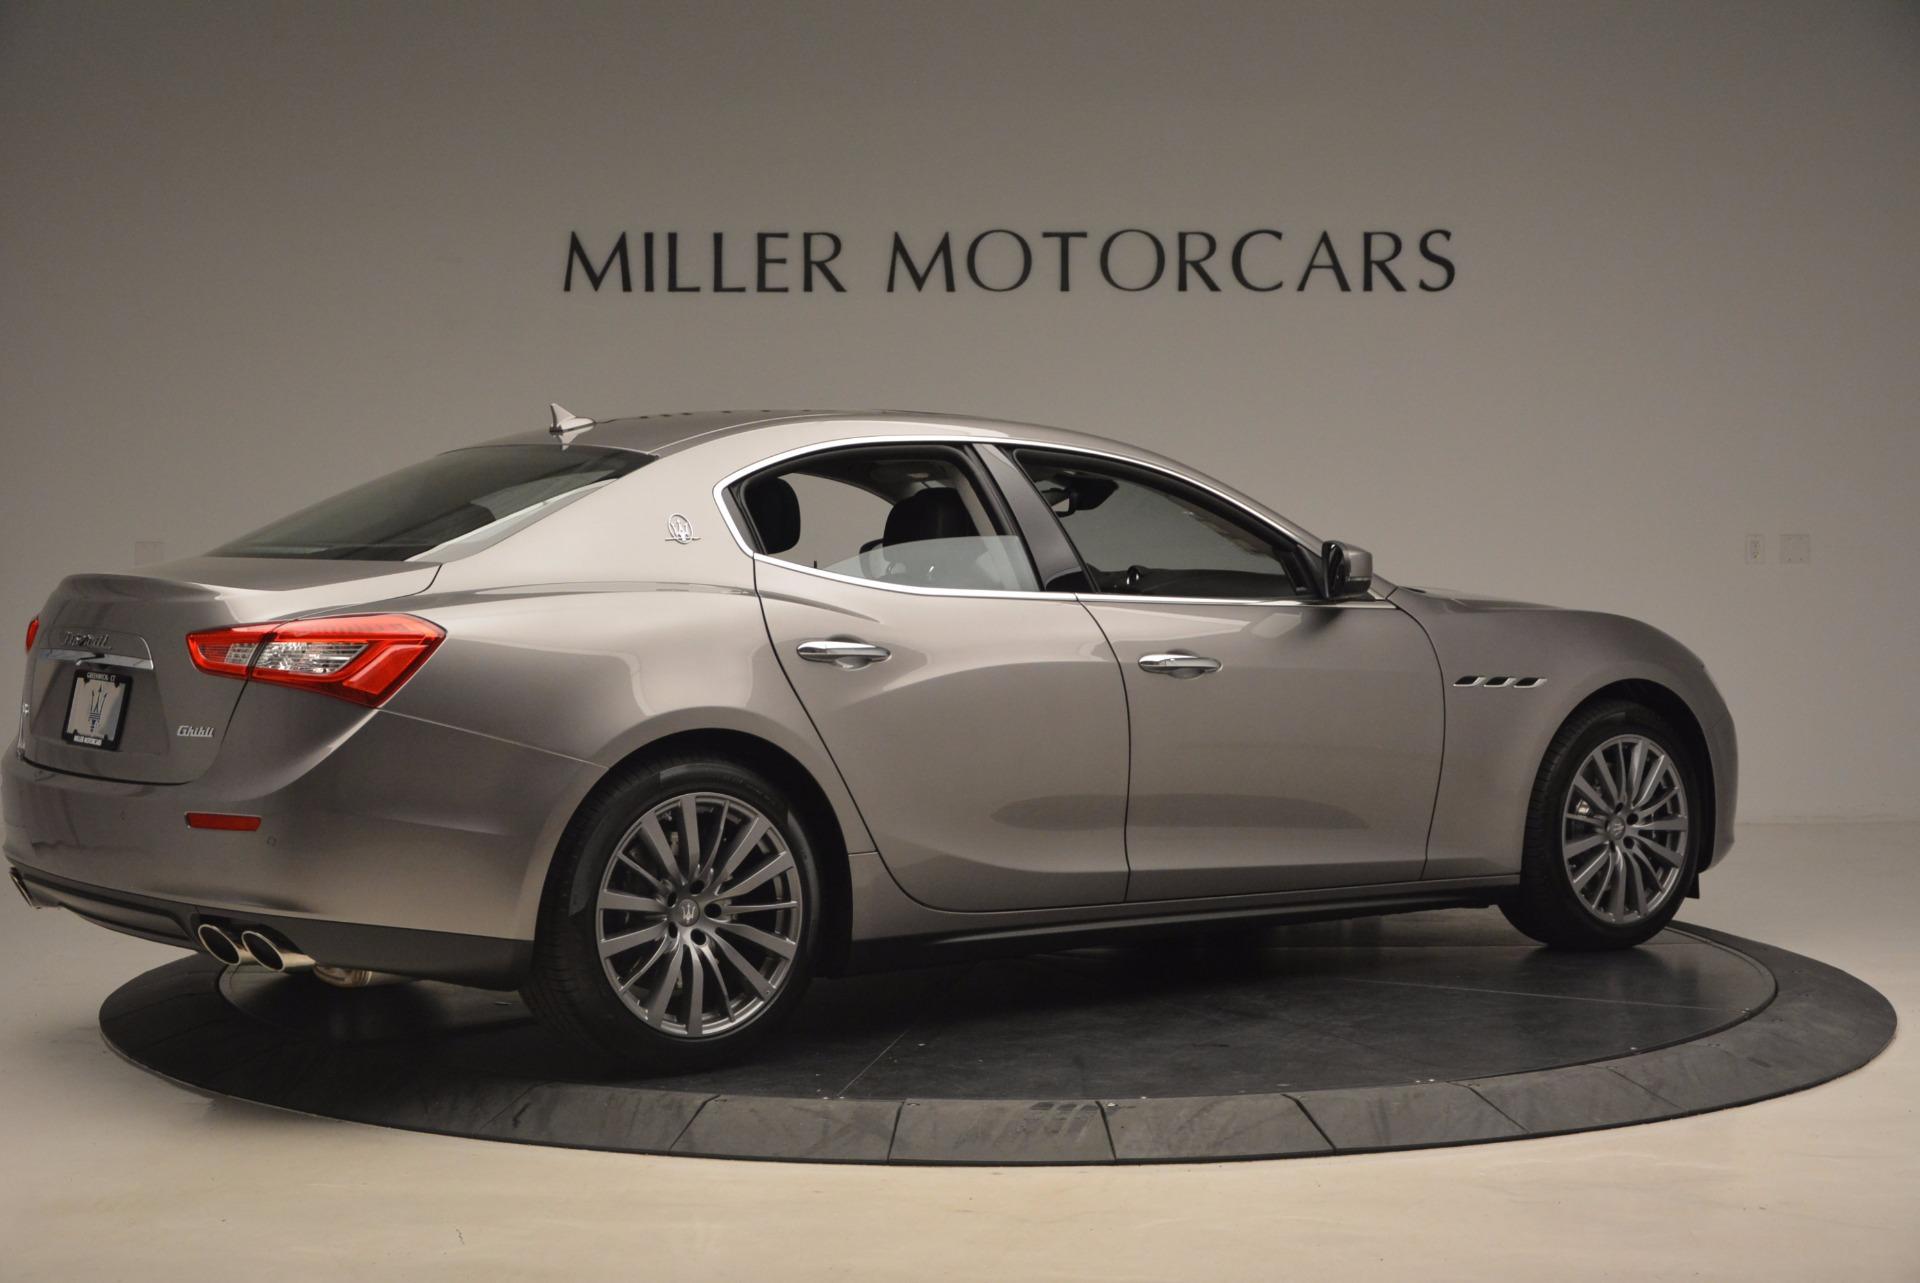 New 2017 Maserati Ghibli SQ4 For Sale In Greenwich, CT 1109_p8